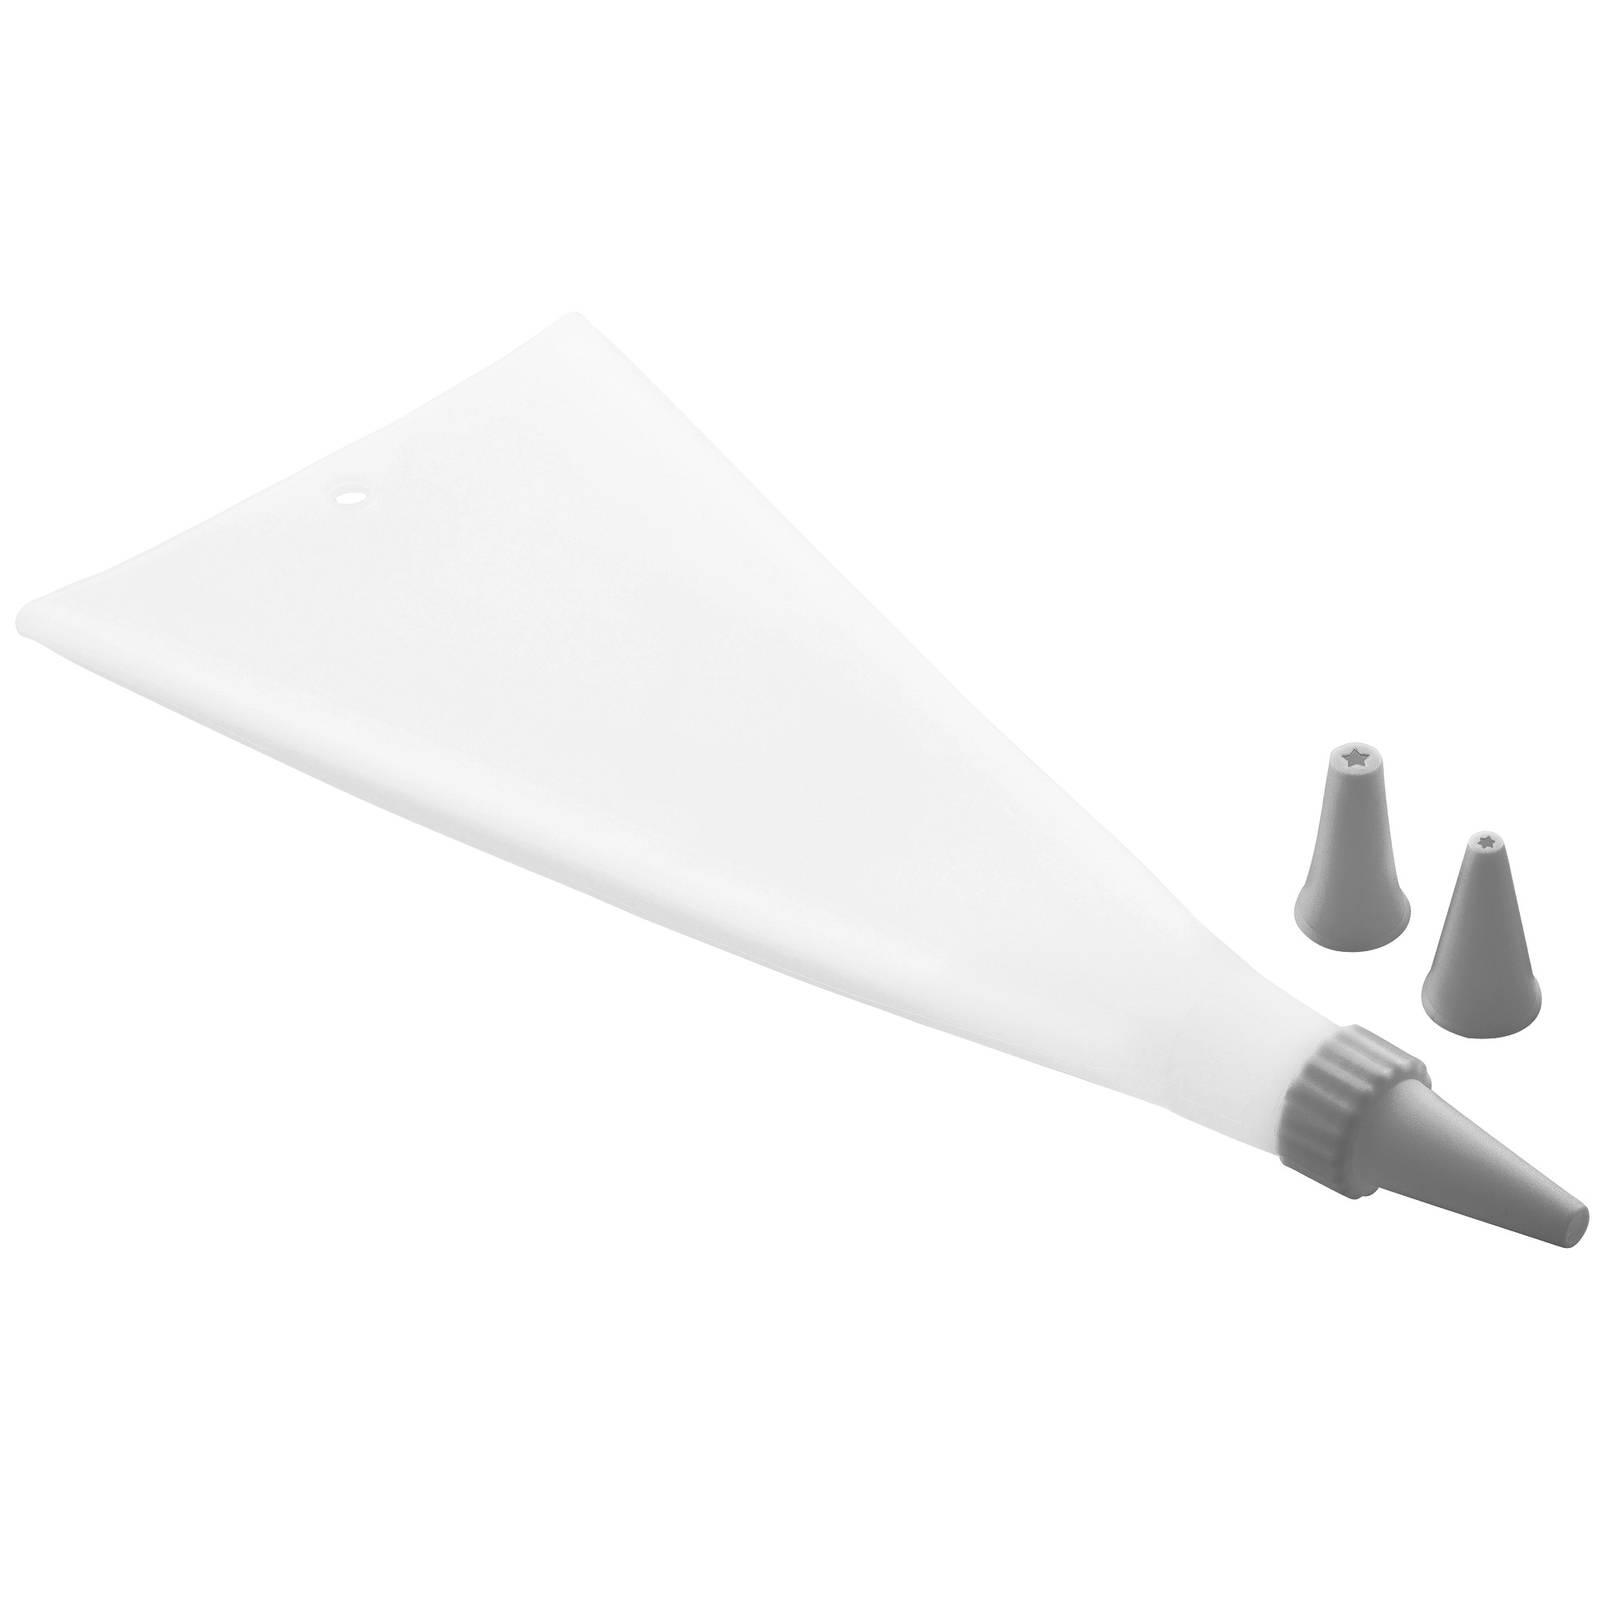 Tasca da pasticciere / sac à poche in silicone Glamour 33 cm grigio AMBITION